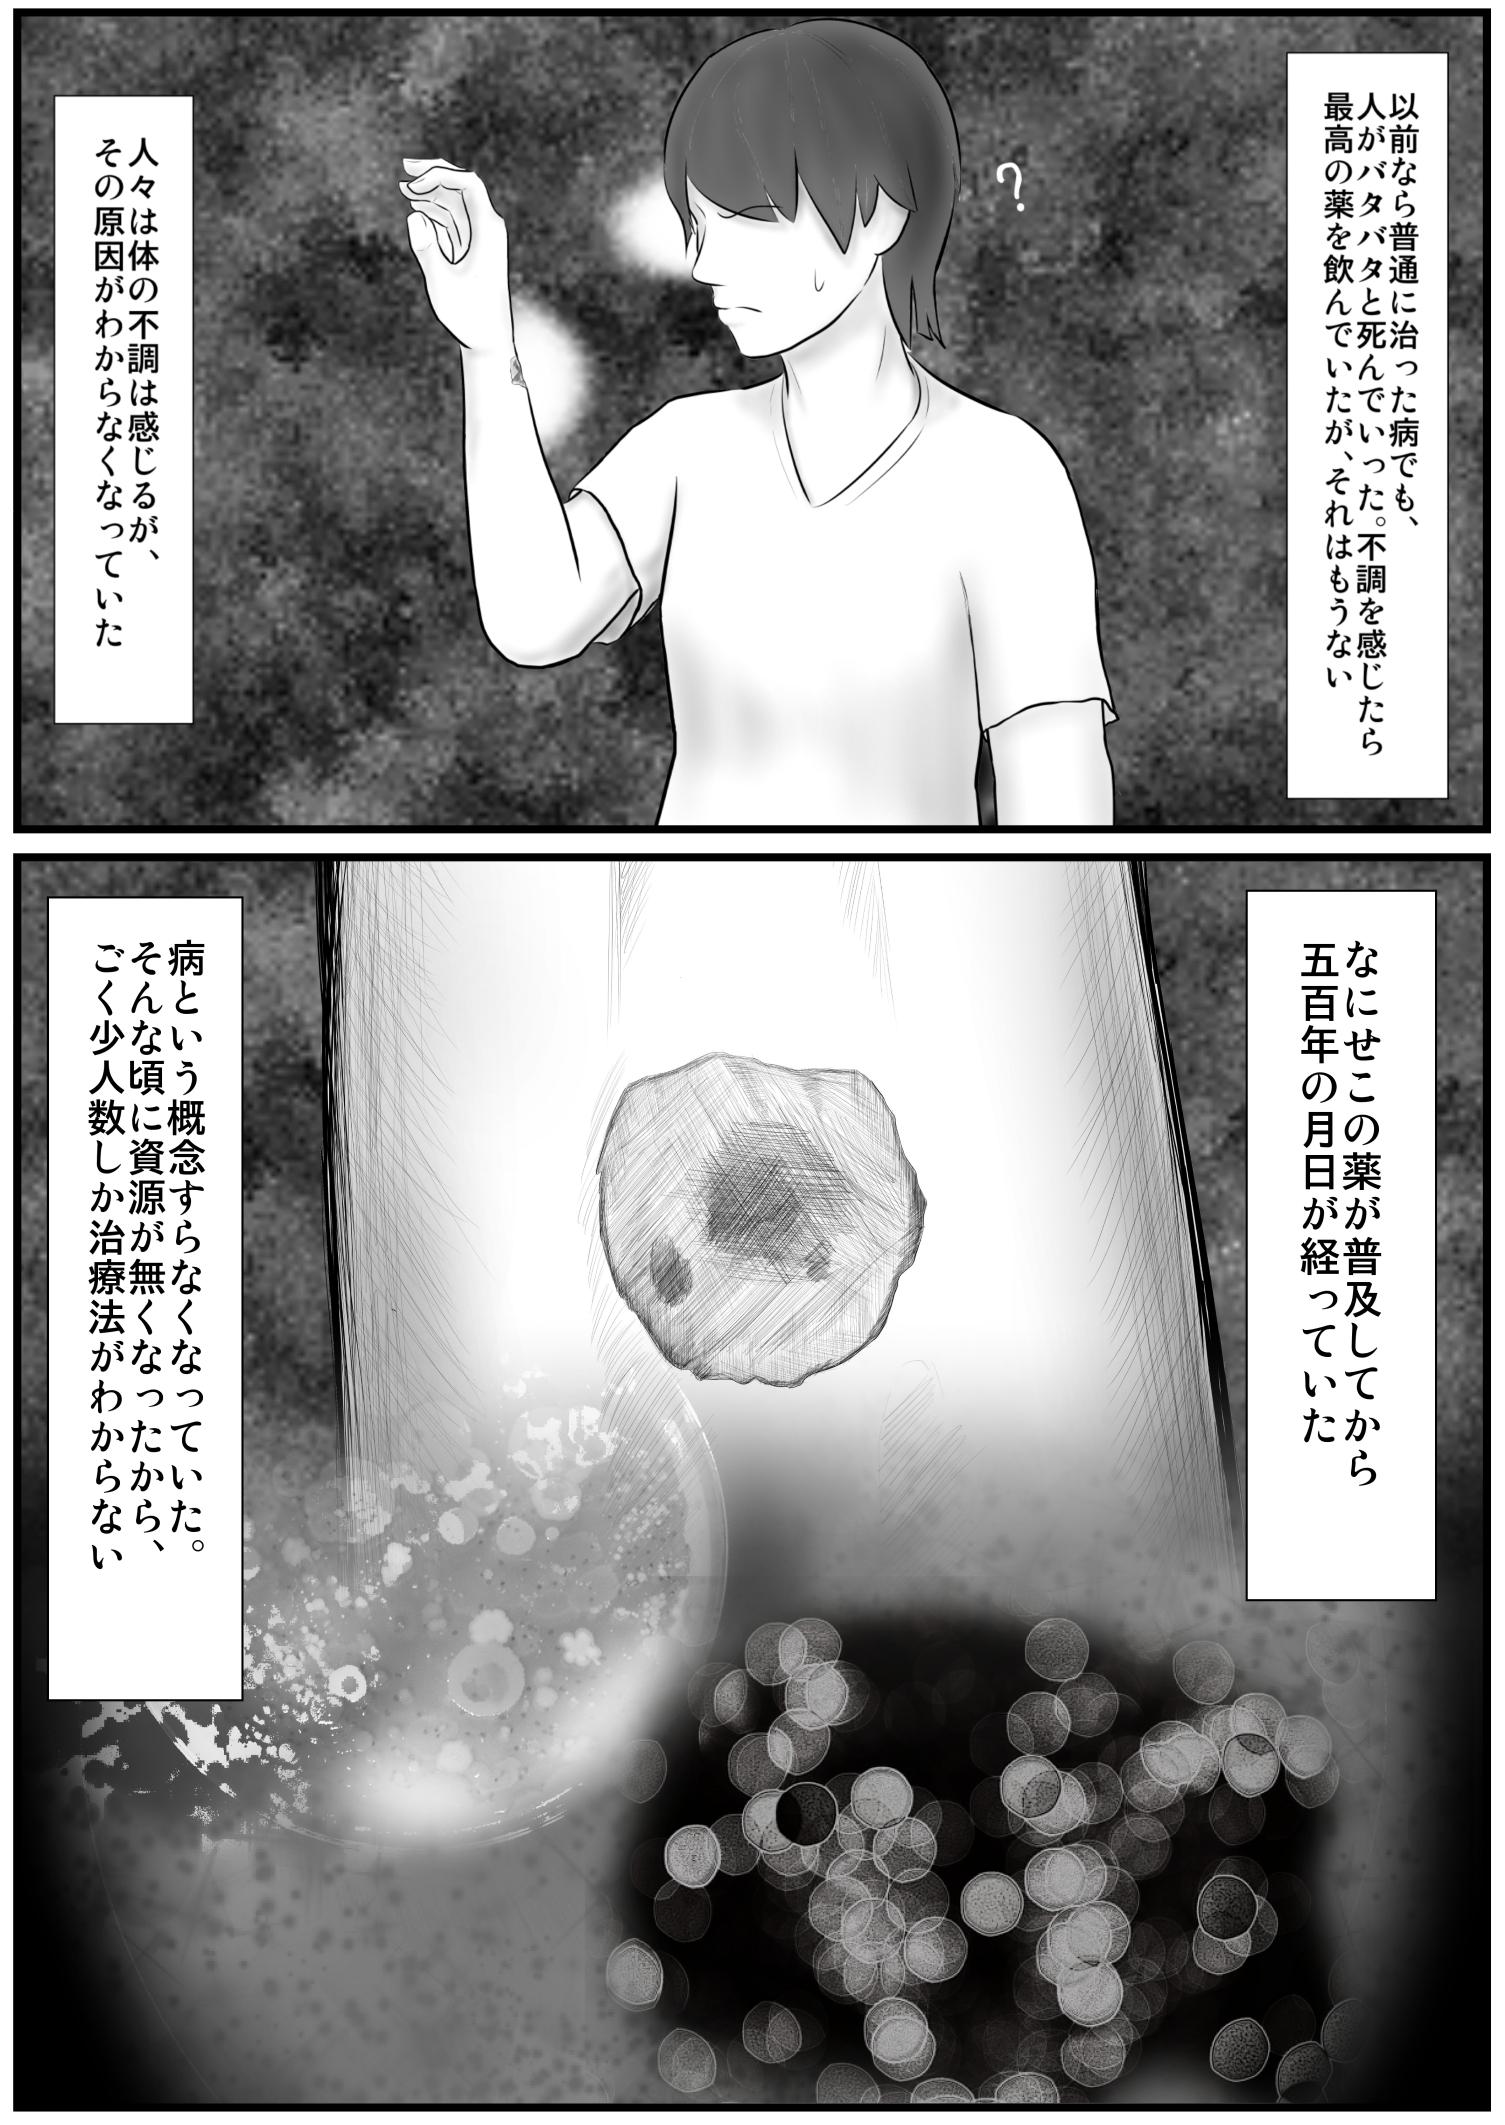 2019-4-13 最高の薬_006